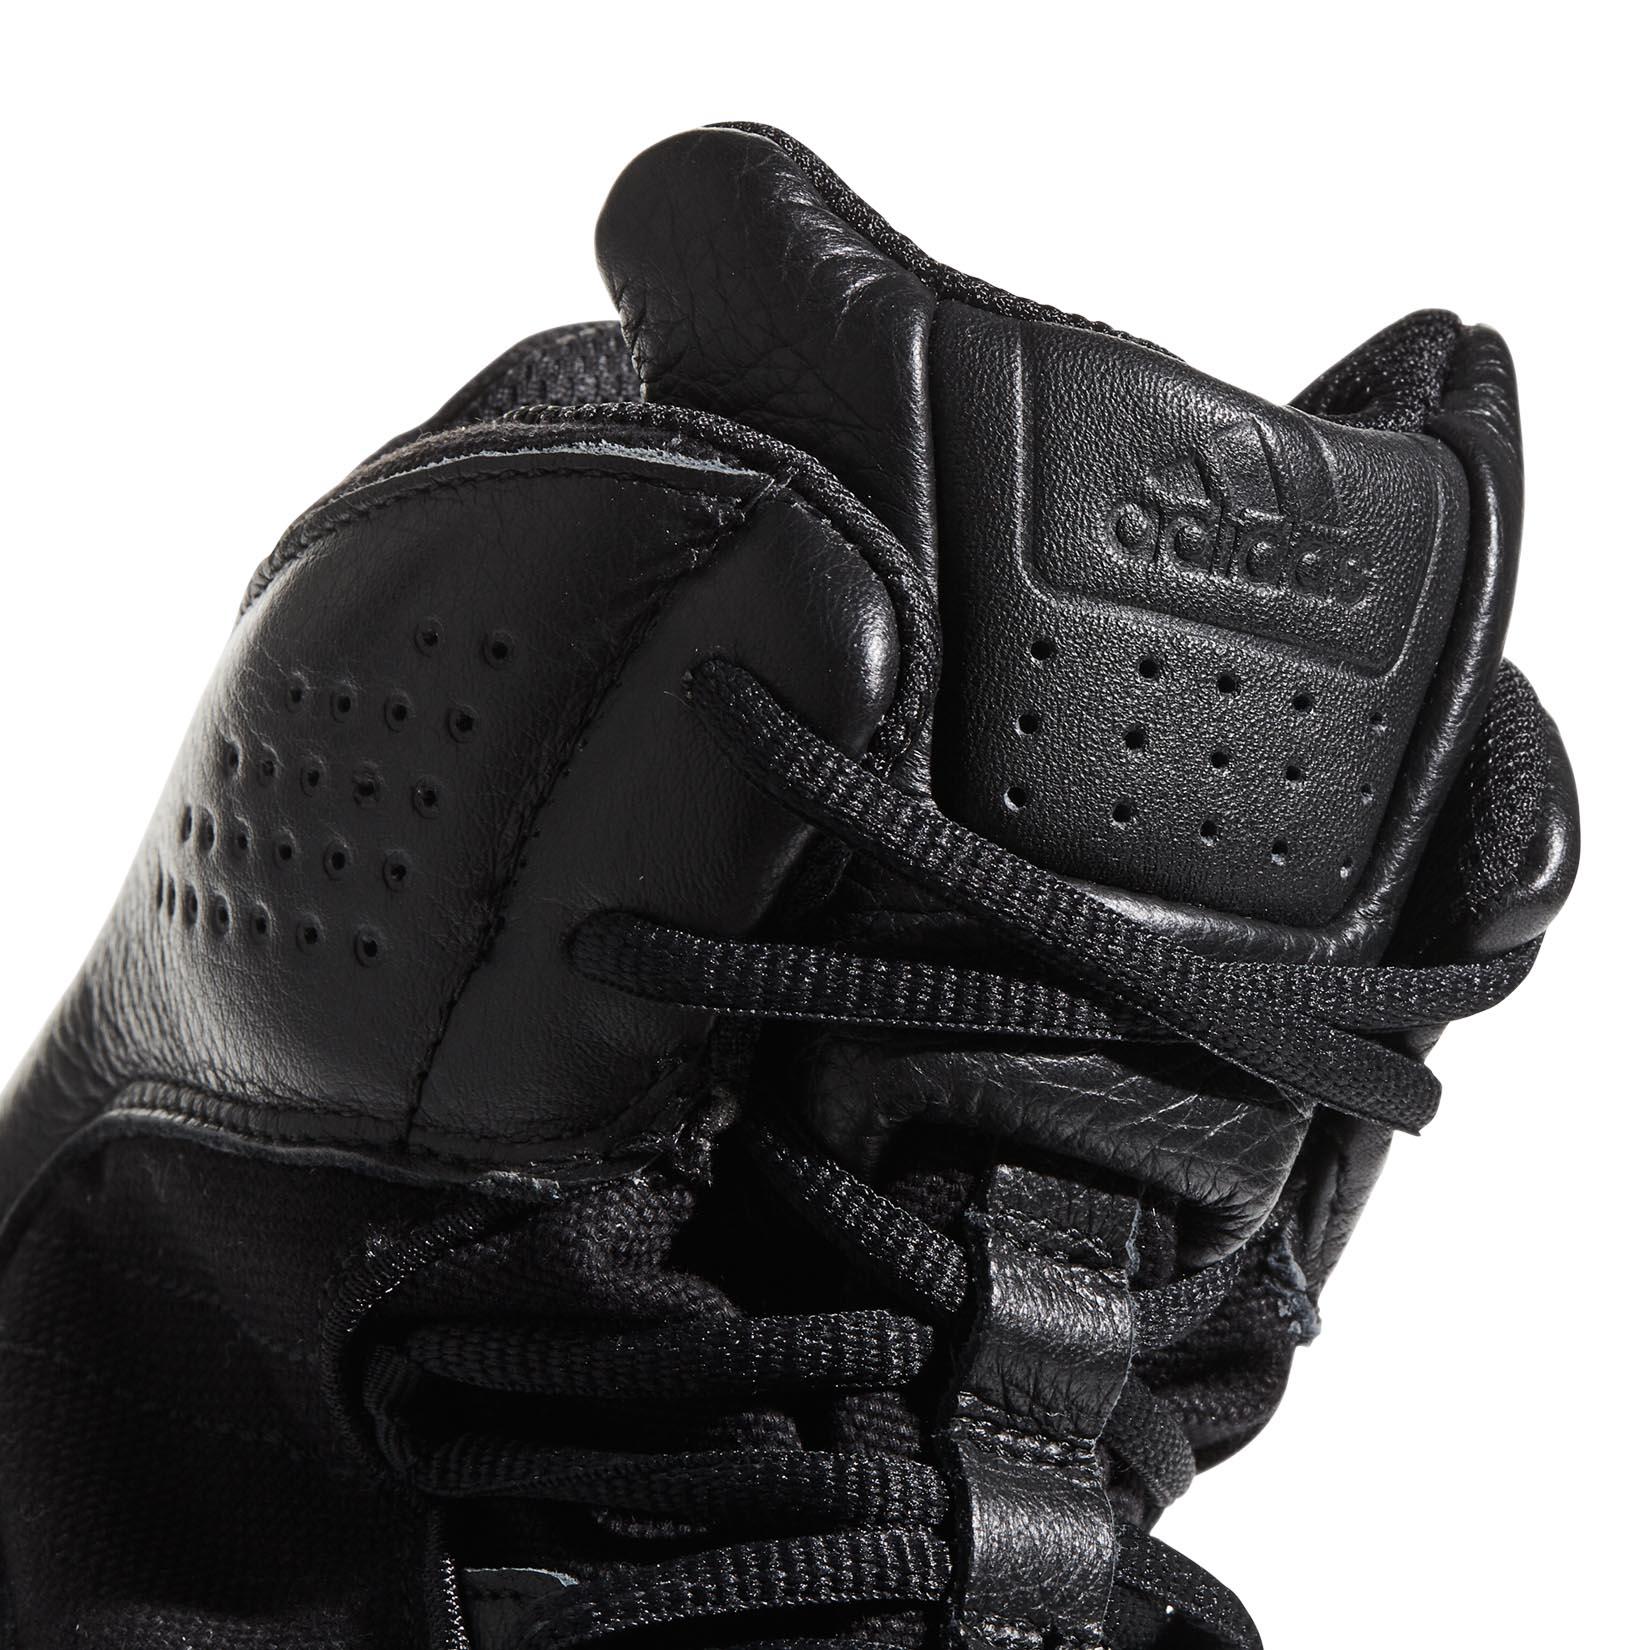 low priced 7c311 83bdd Adidas GSG -9,7 Mens Adult taktische militärische Outdoor Schuh Stiefel  schwarz